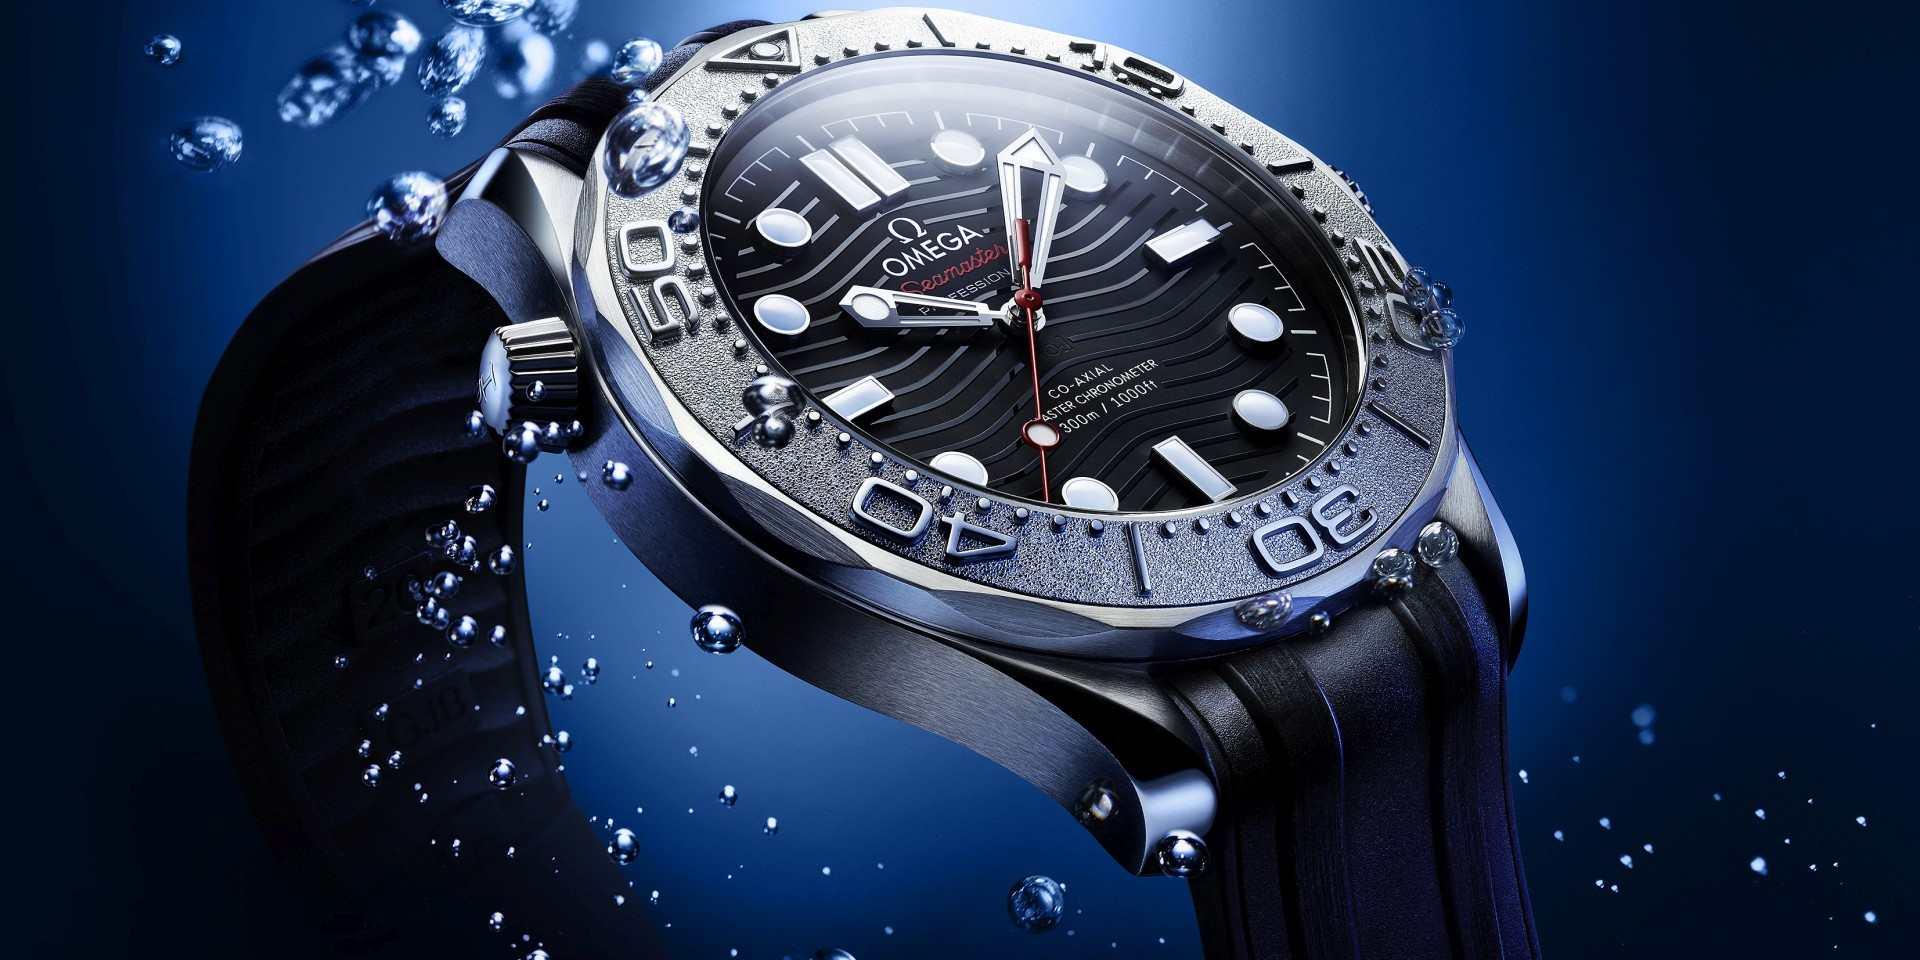 歐米茄參與拯救海洋任務,推出海馬潛水300米Nekton版本腕錶